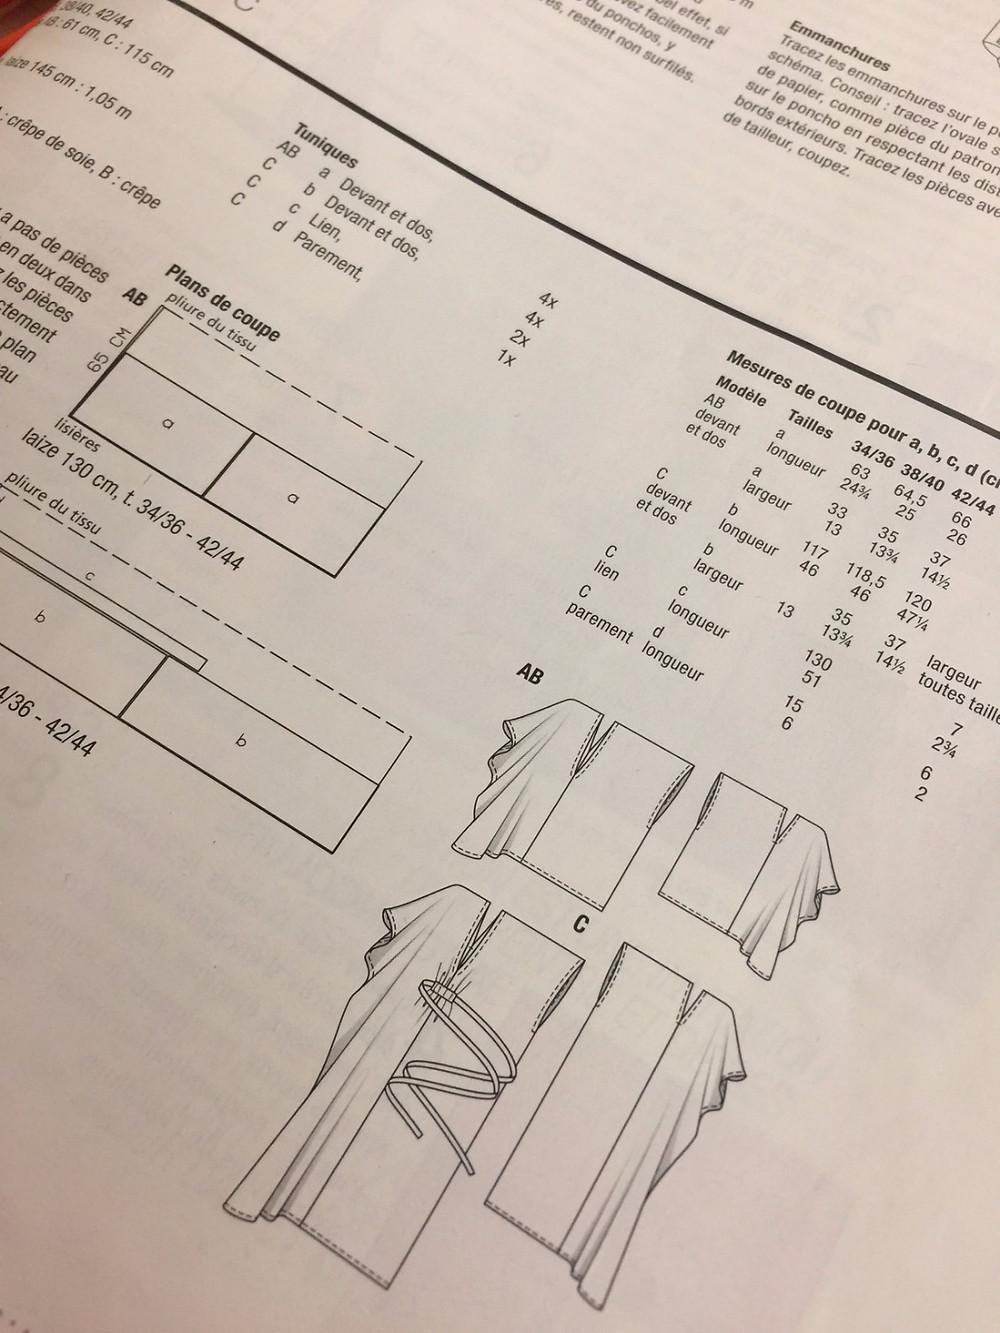 patron blouse et schéma technique